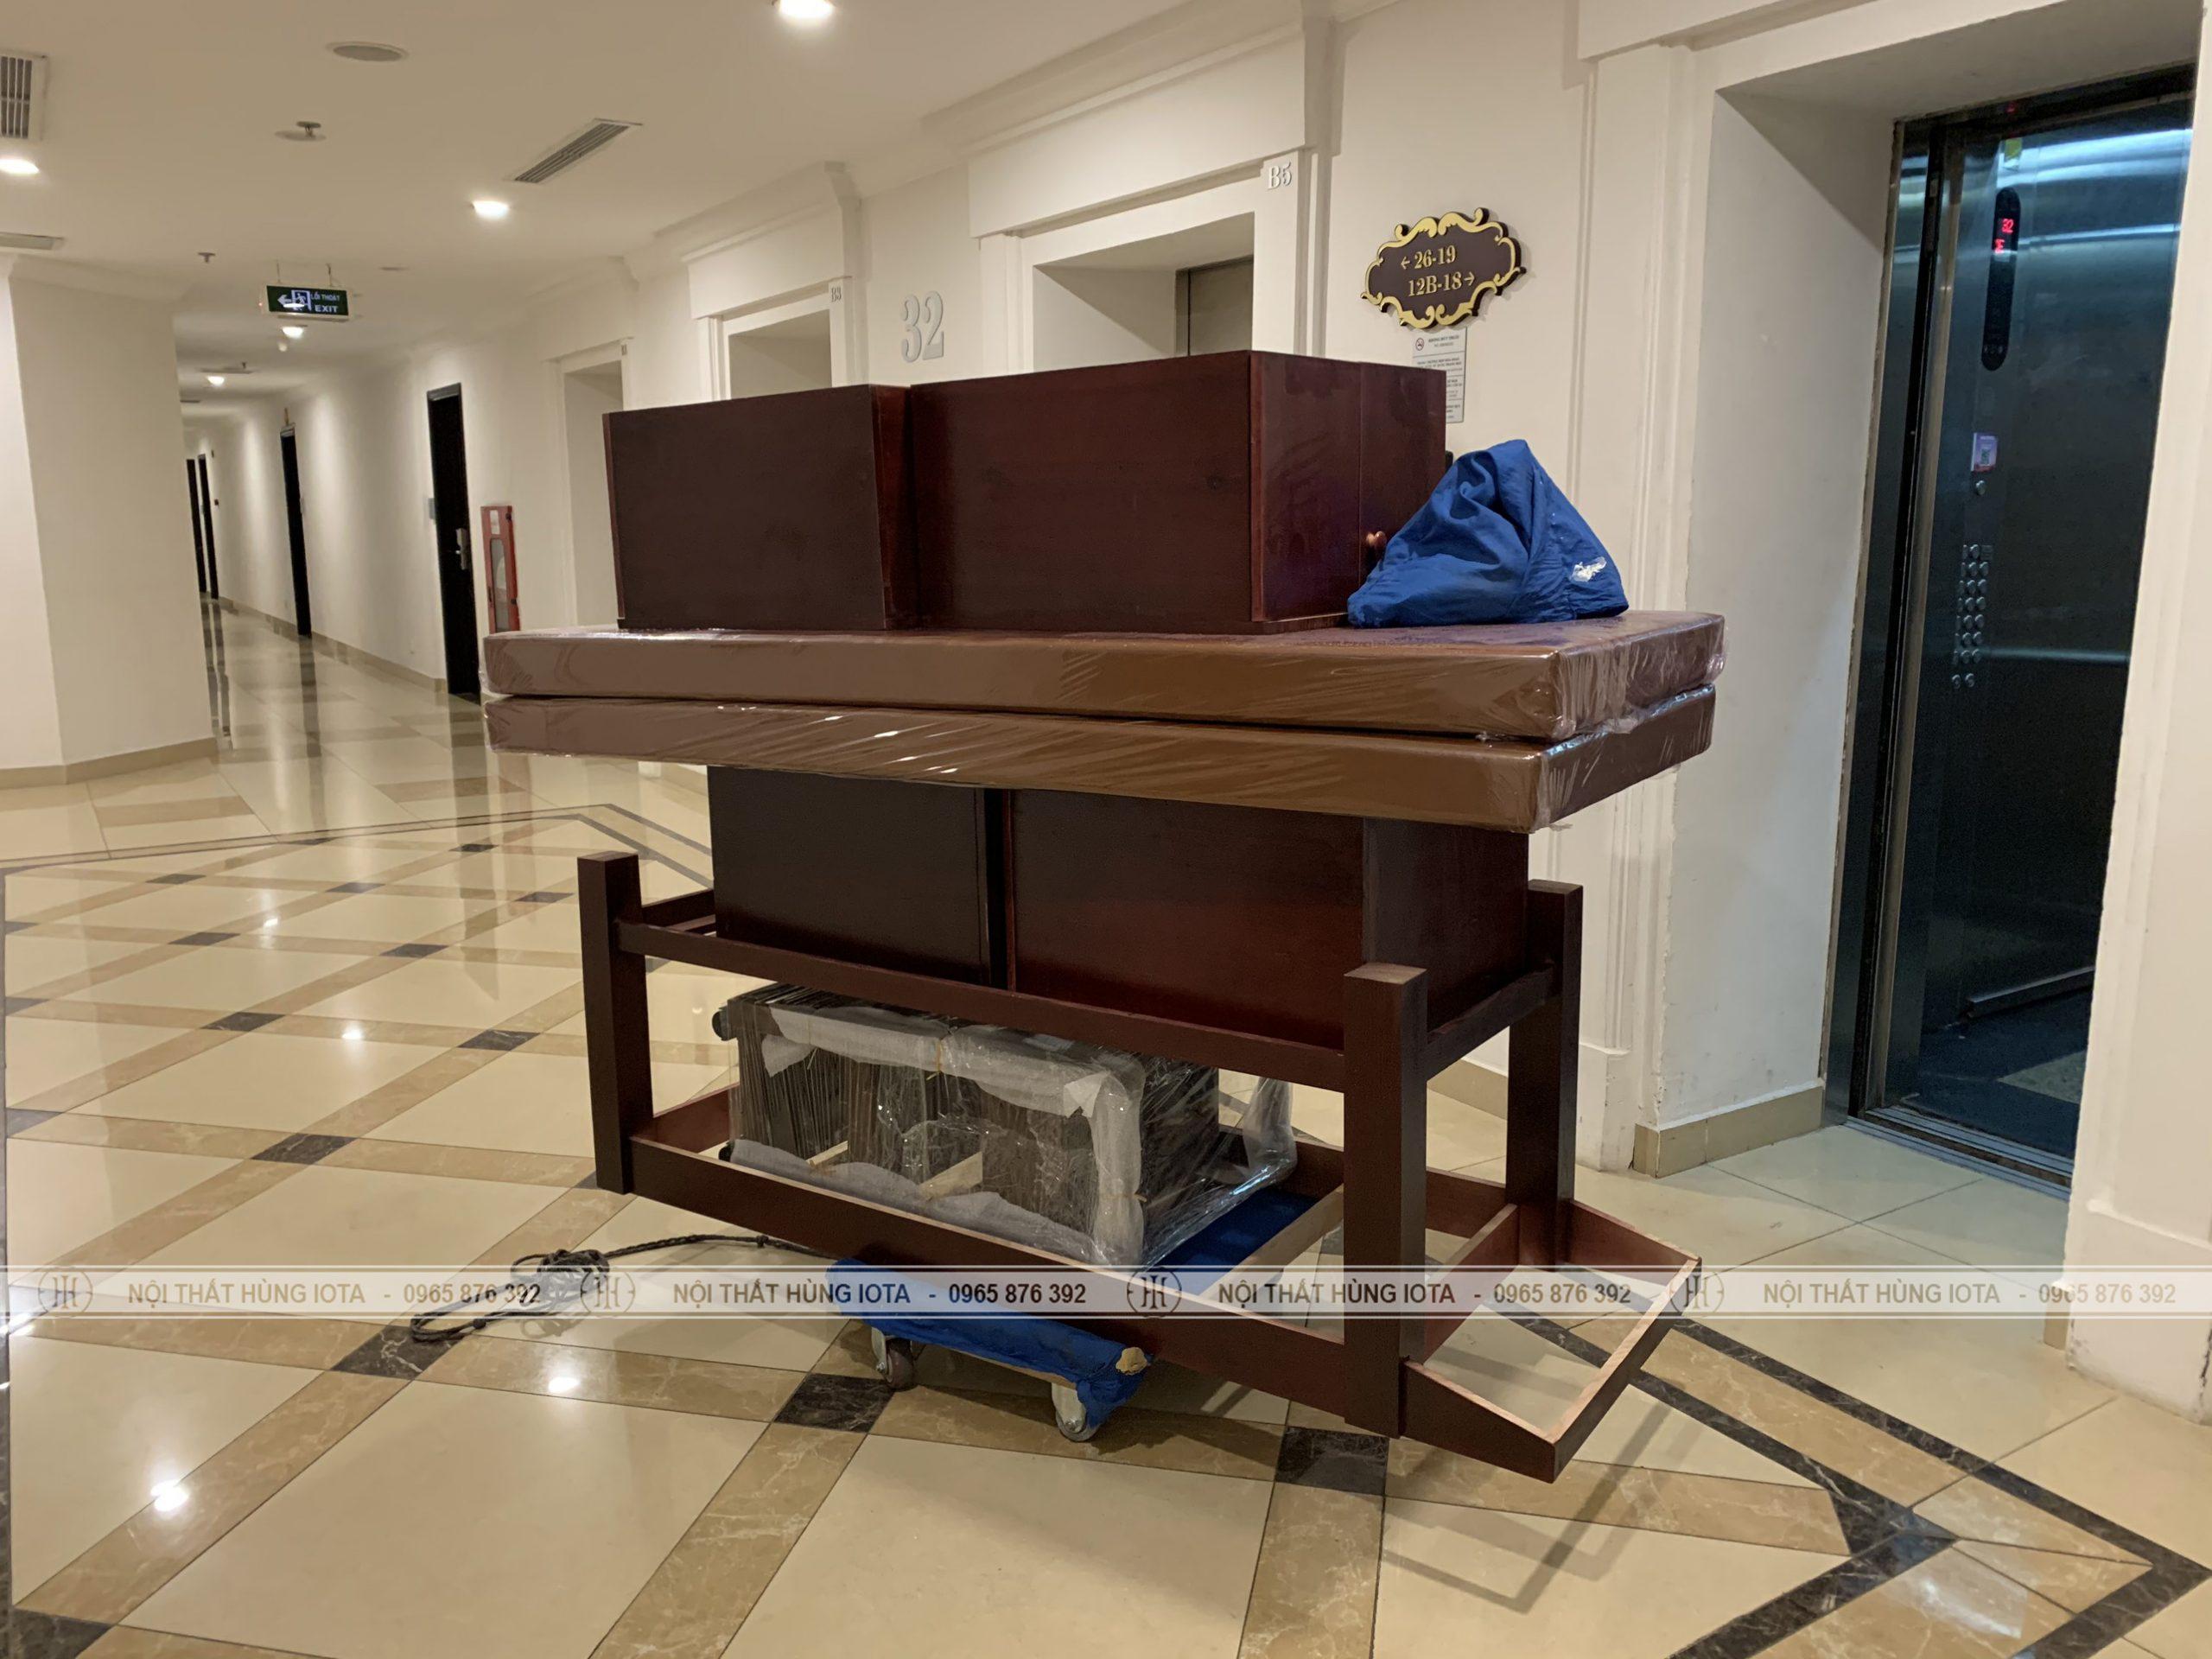 Lắp đặt nội thất spa tại chung cư Royal City